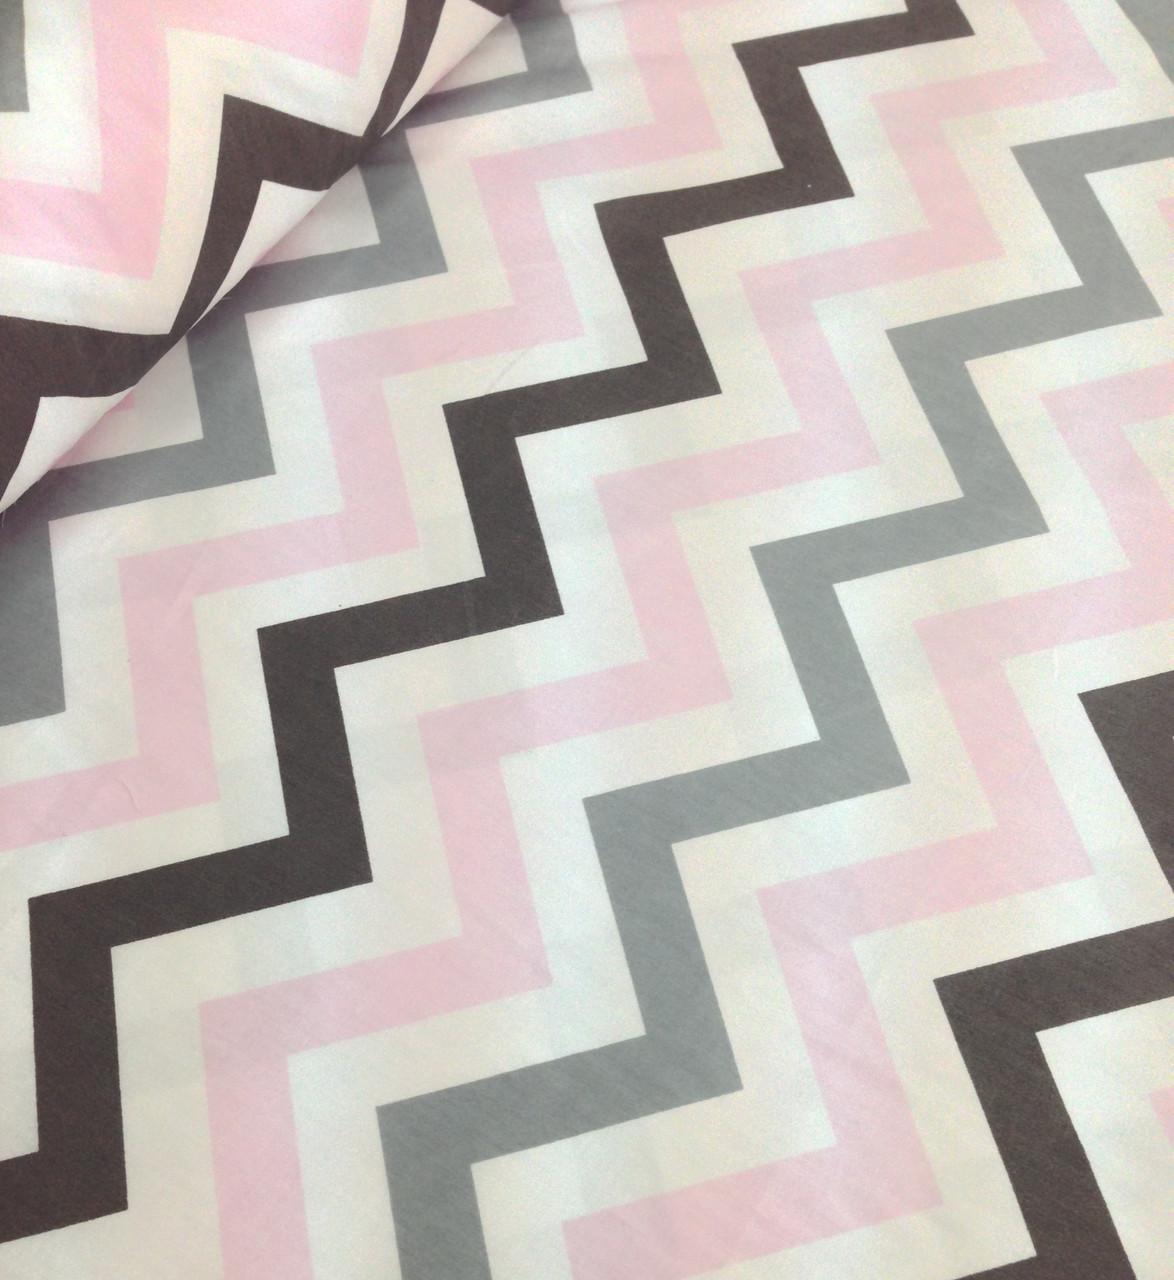 Хлопковая ткань зигзаг серо-розово-графитовый (Корея)